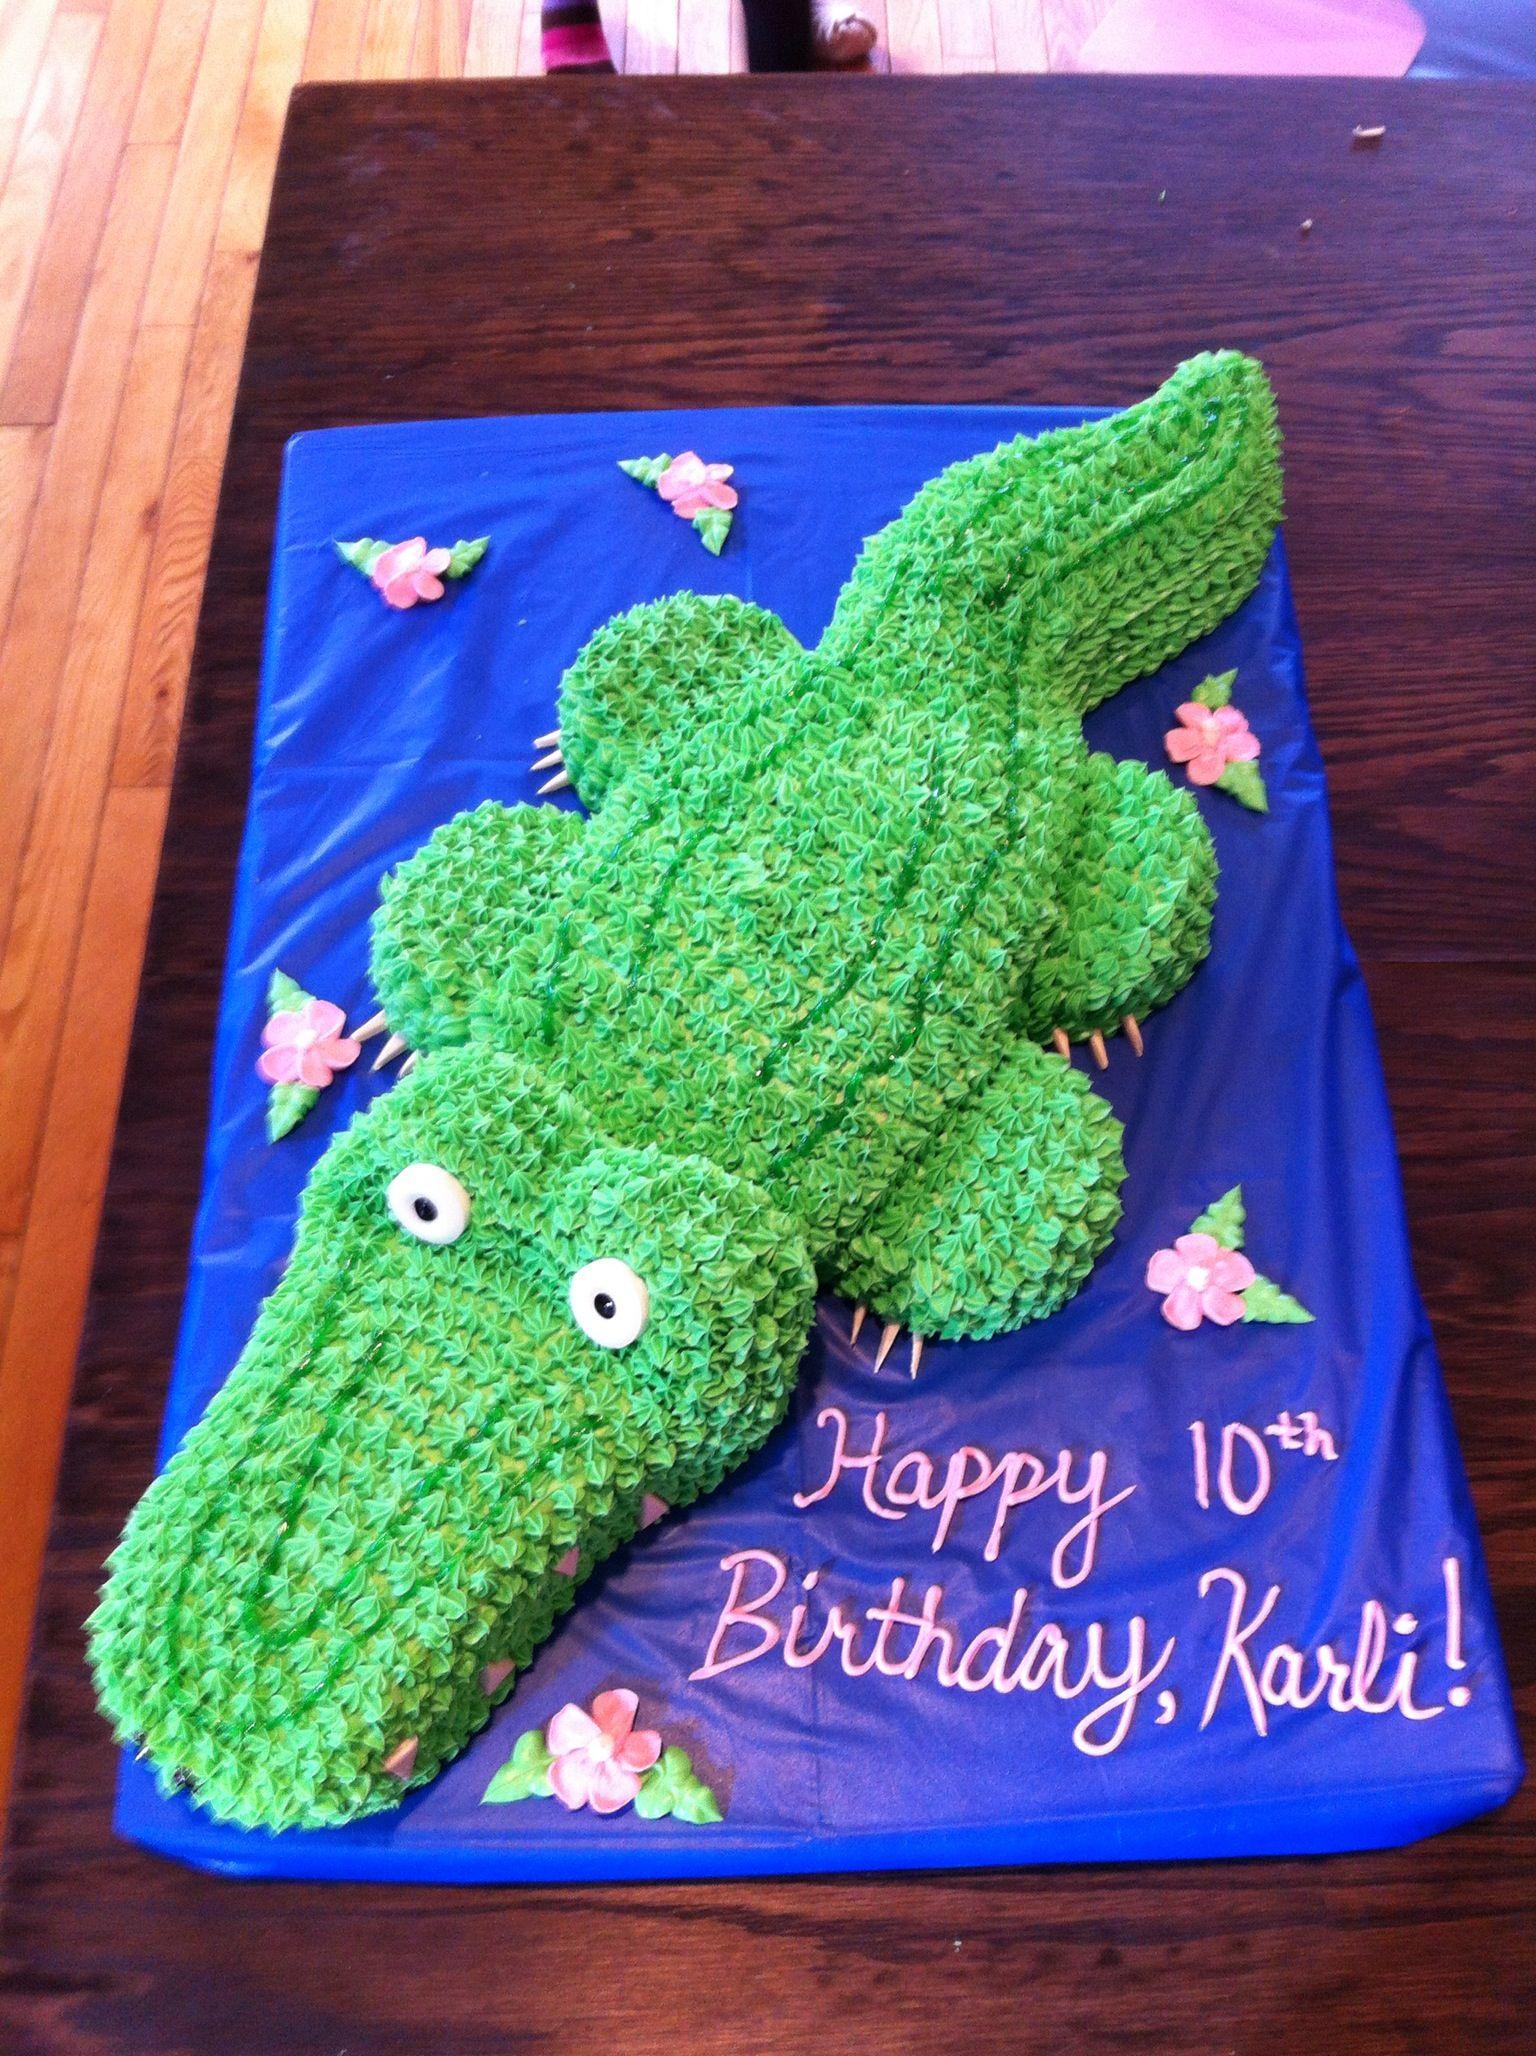 Aligator Cake From Bundt Cake